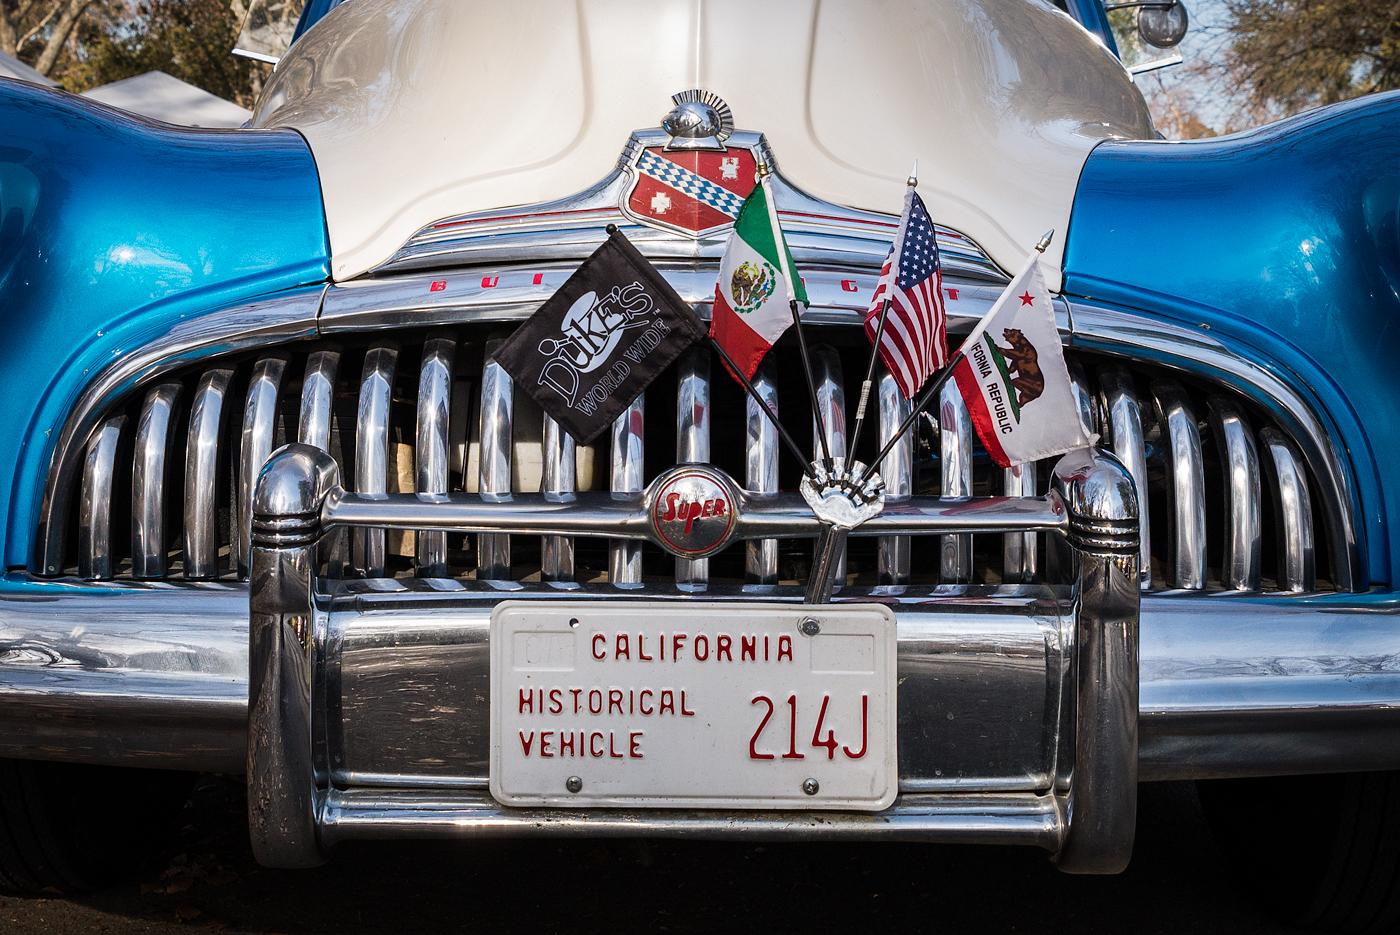 Grill of a Duke's Car Club member's 1947 Buick Super